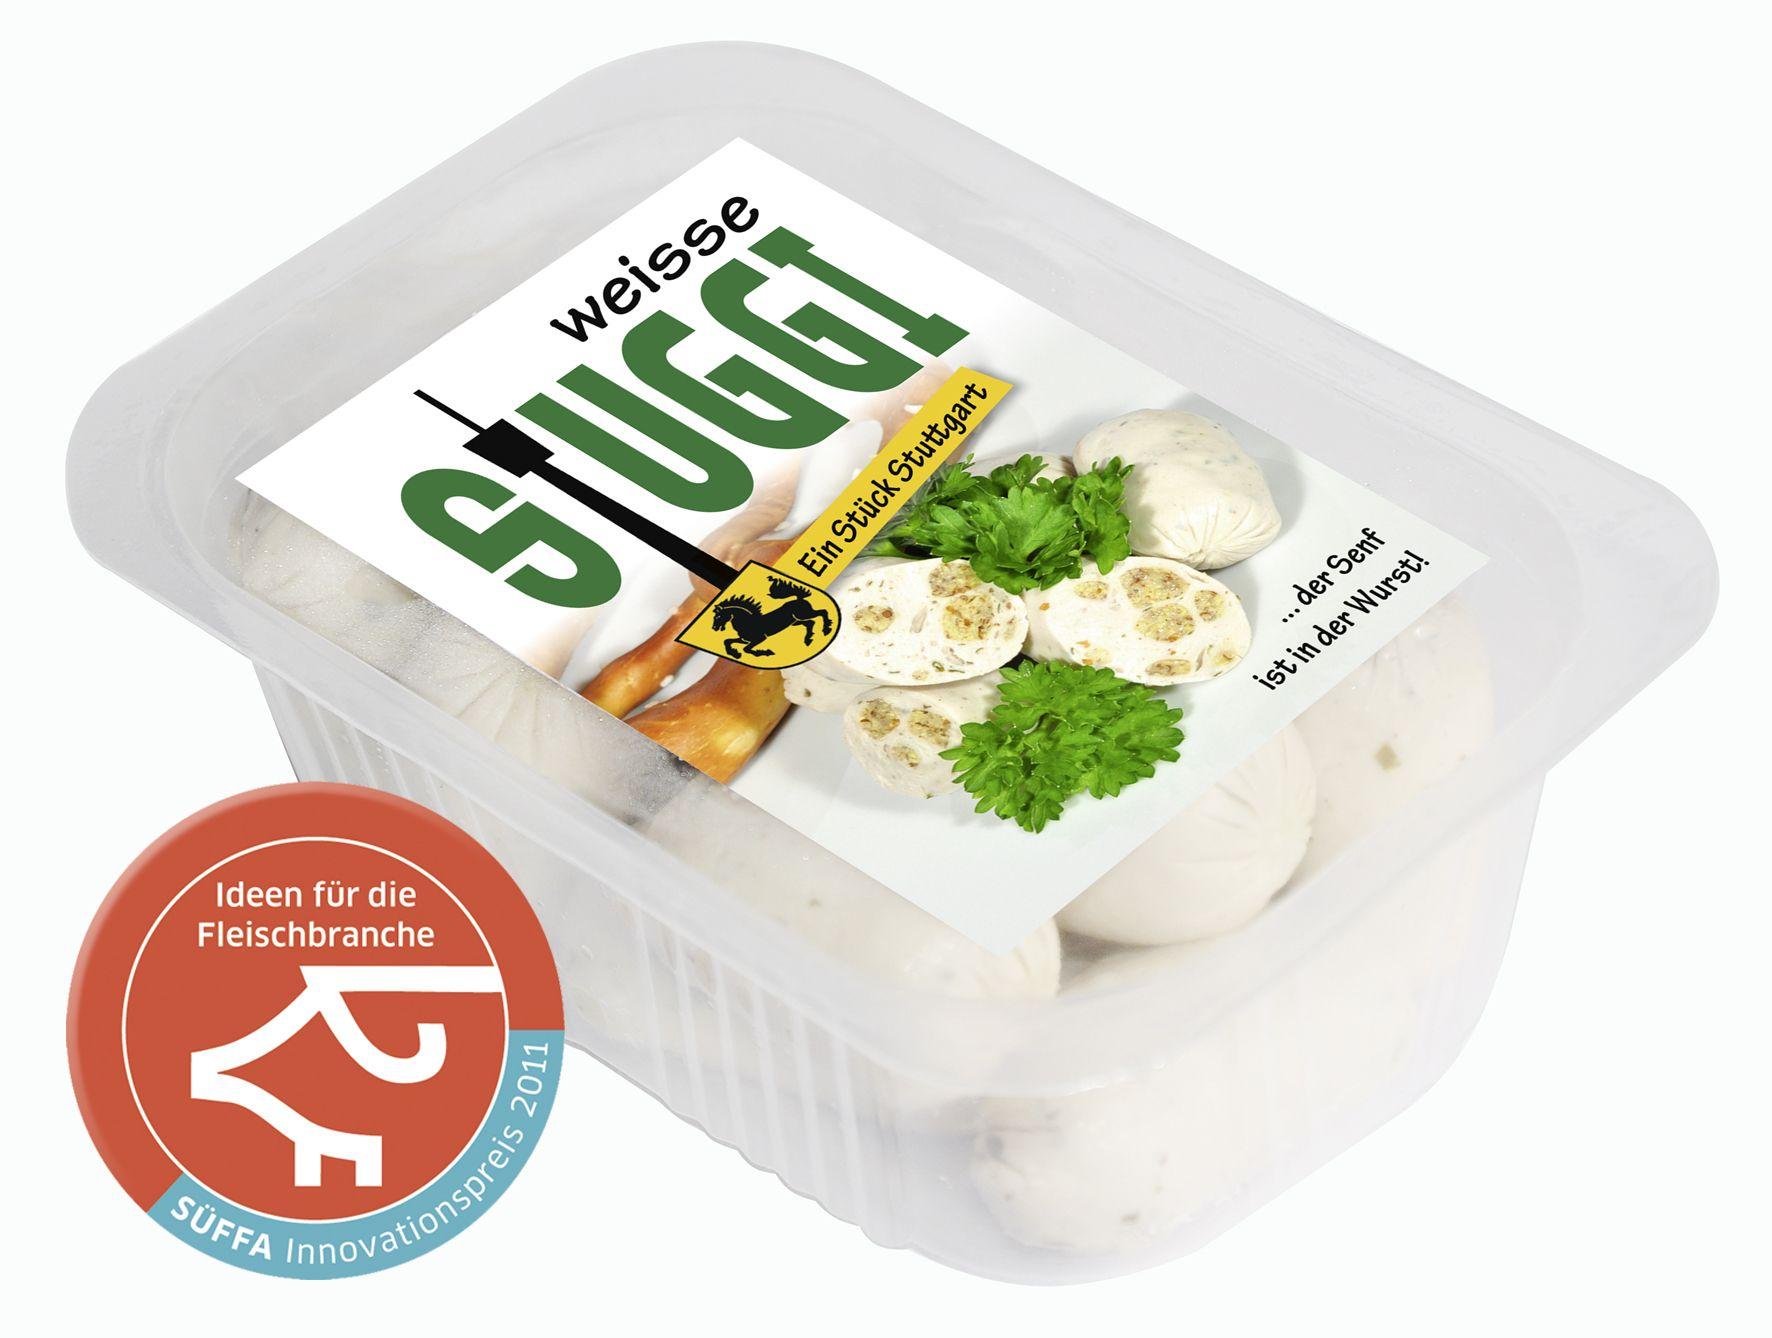 STUGGI - das kleinste Würstchen der Welt mit integriertem Honig Balsamico Senf revolutioniert die LAndeshauptstadt Stuttgart und bringt die Münchner zur weißglut, da diese Innovation einer Weißwurst ähnelt, aber niemals mit dieser Vergleichbar ist.  www.ilovestuggi.de